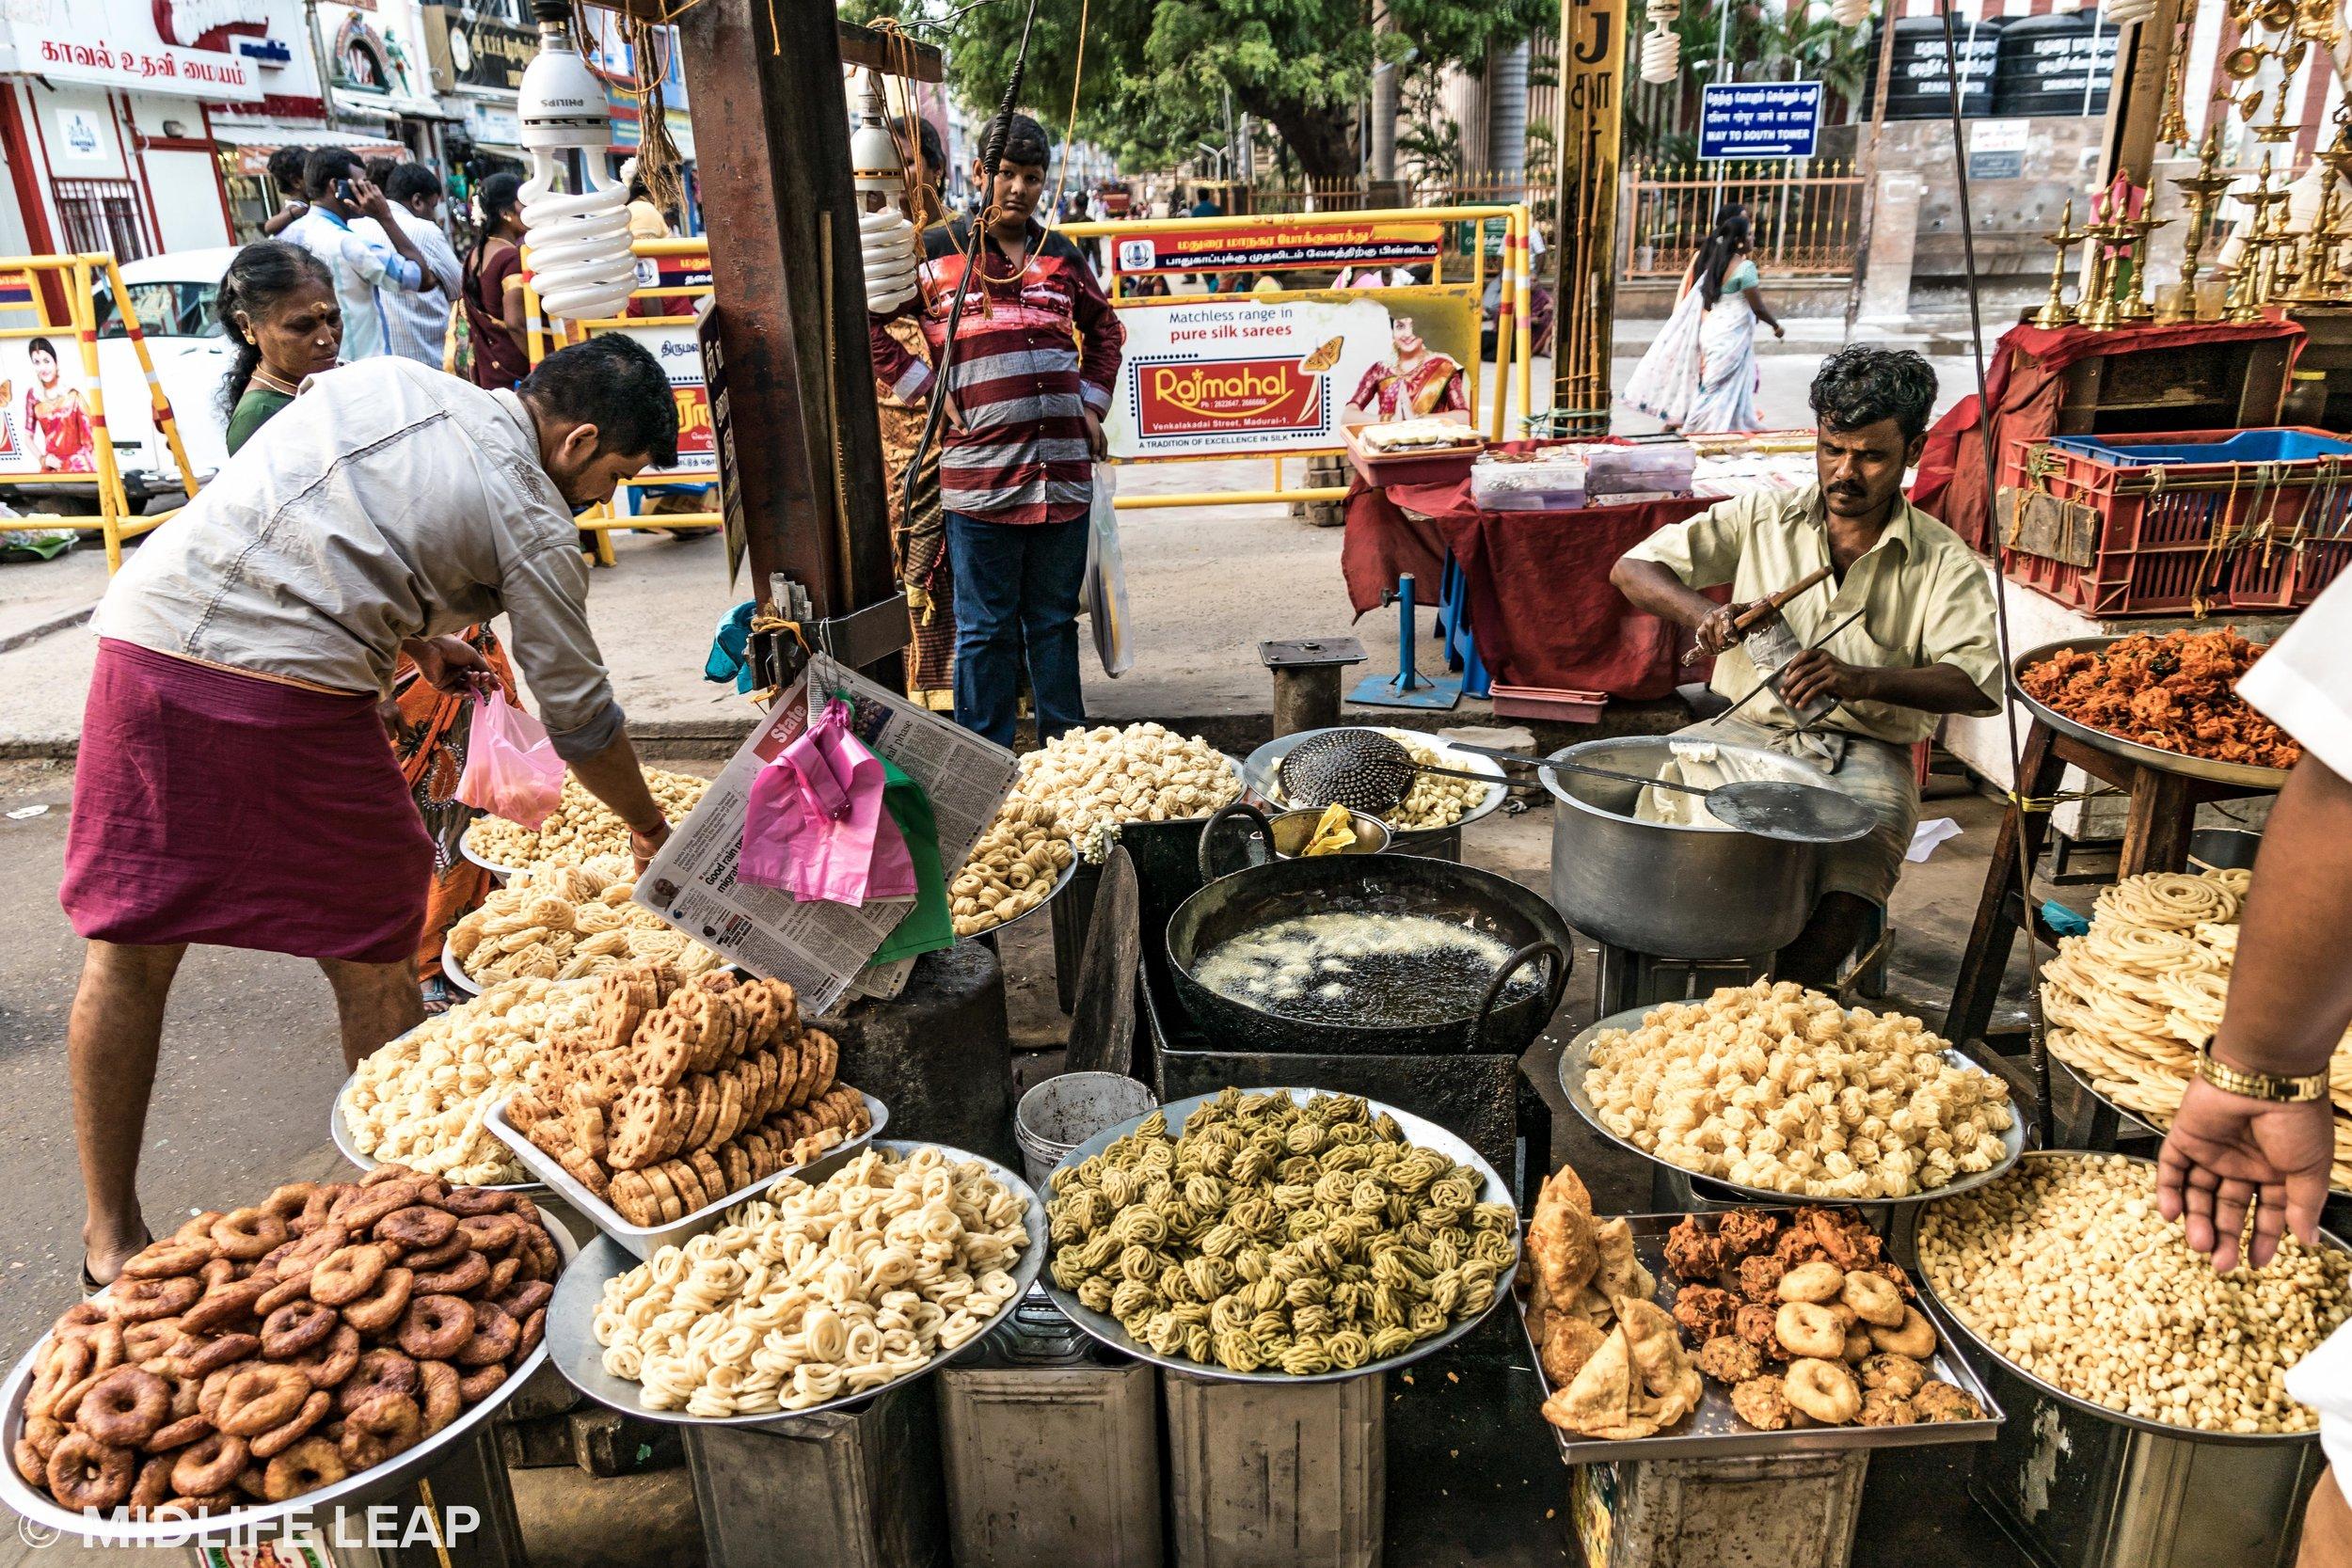 madurai-india-street-food-tamil-nadu